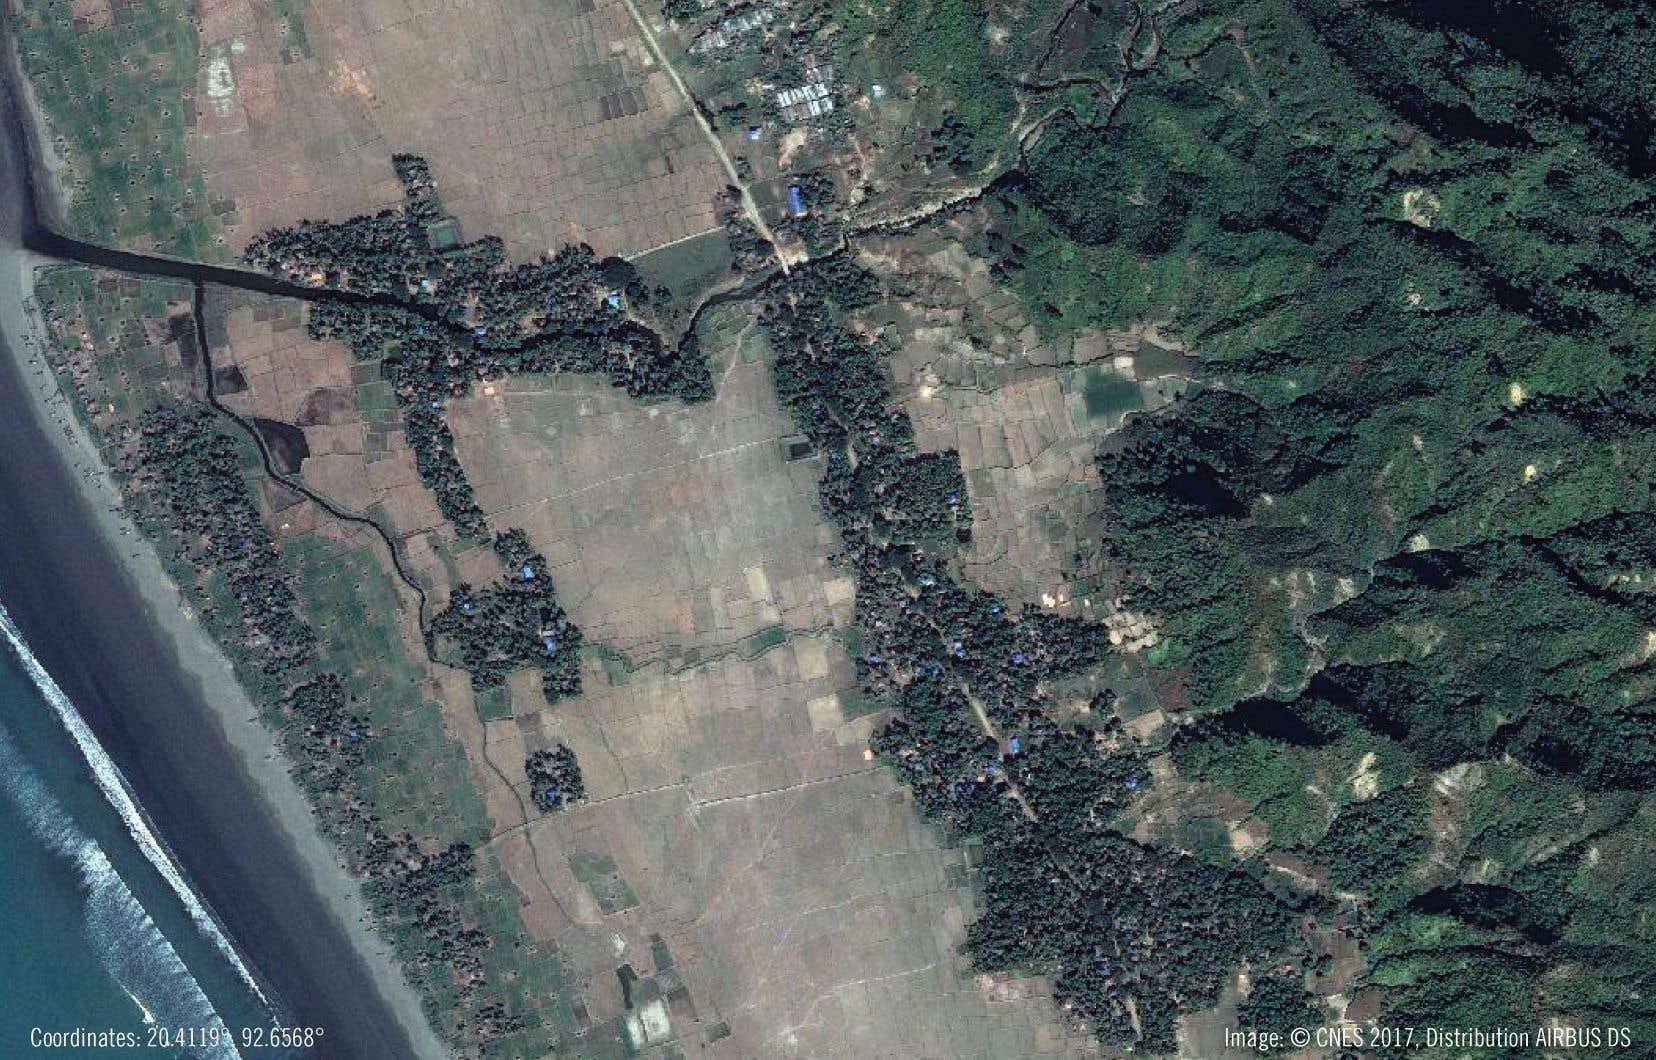 Le 25 août, un poste de police de Chein Kar Li, dans le district de Rathidaung, a été attaqué par un groupe rebelle. Le jour même, une sanglante opération de représailles a été lancée contre la population civile, et de larges parties du village ont été incendiées.